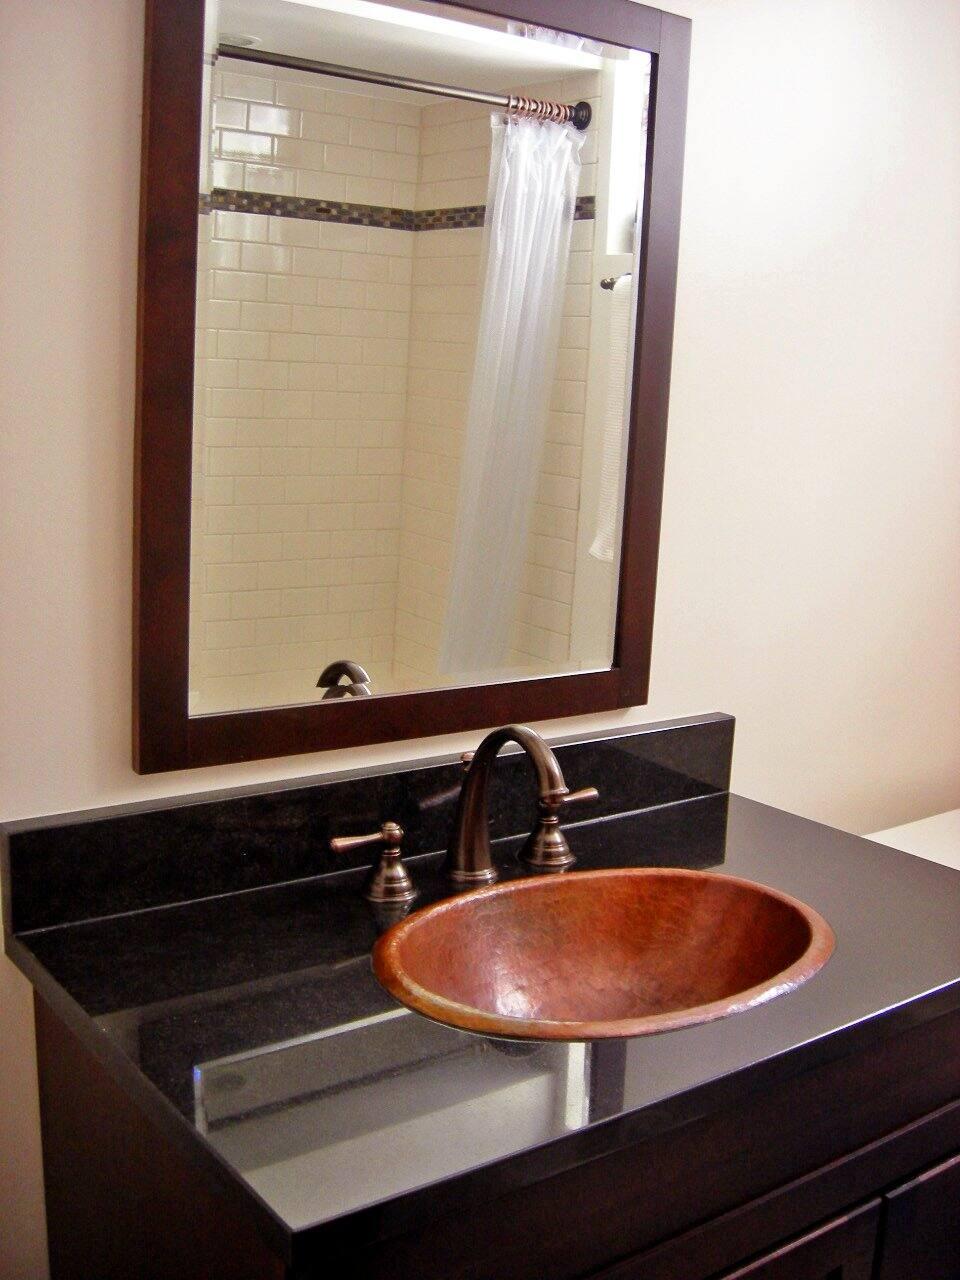 16 innovative bathroom sink ideas angie\u0027s list